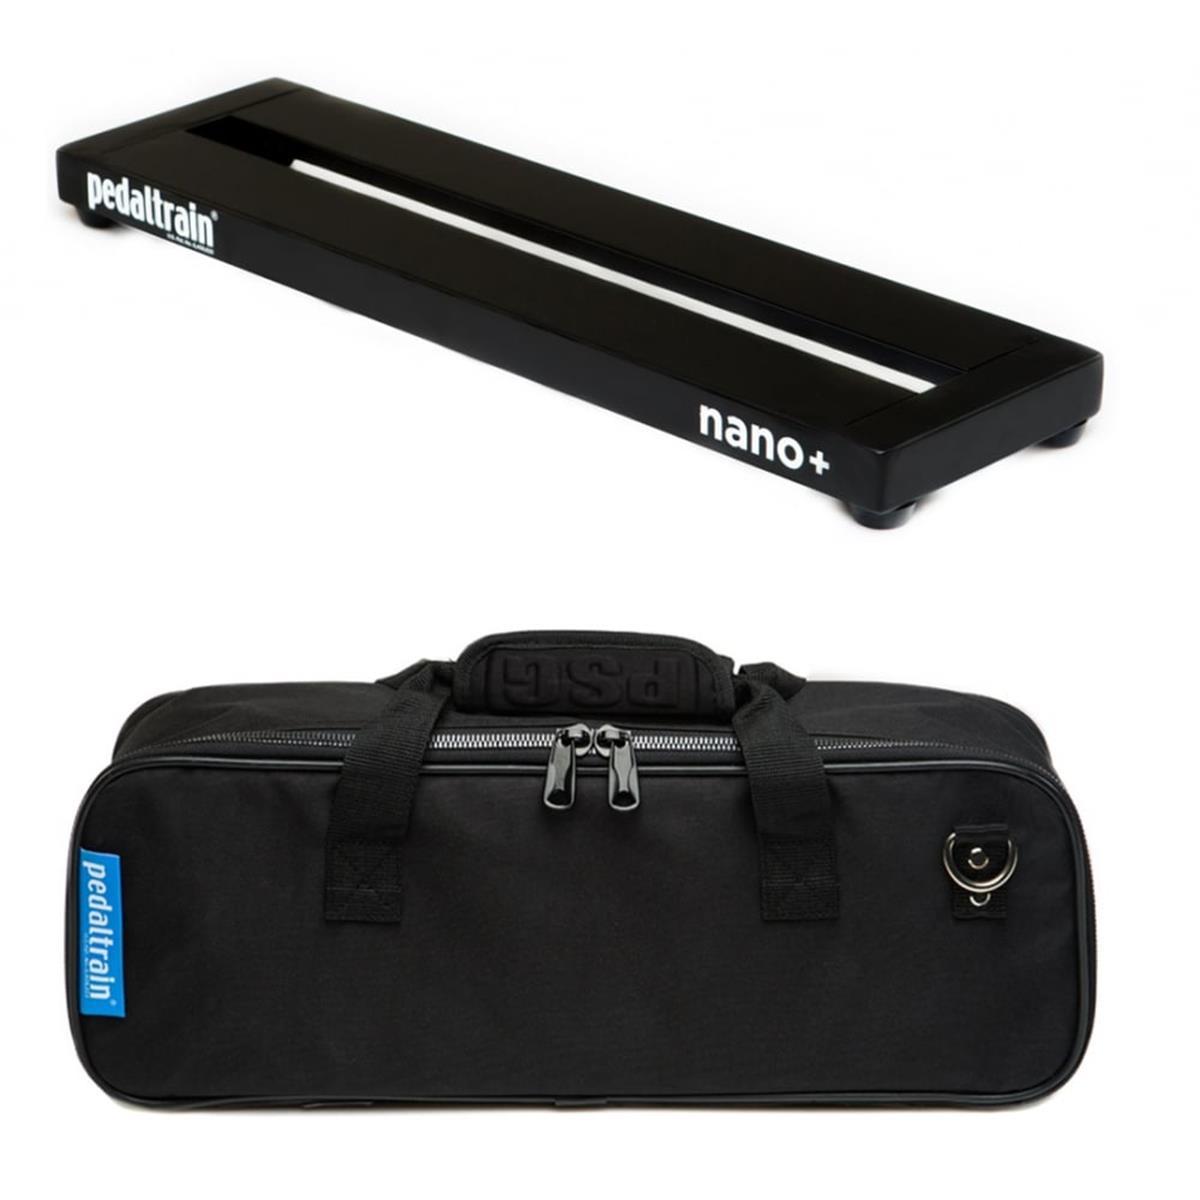 PEDALTRAIN NANO + PLUS PEDALBOARD SOFT CASE  pedal board